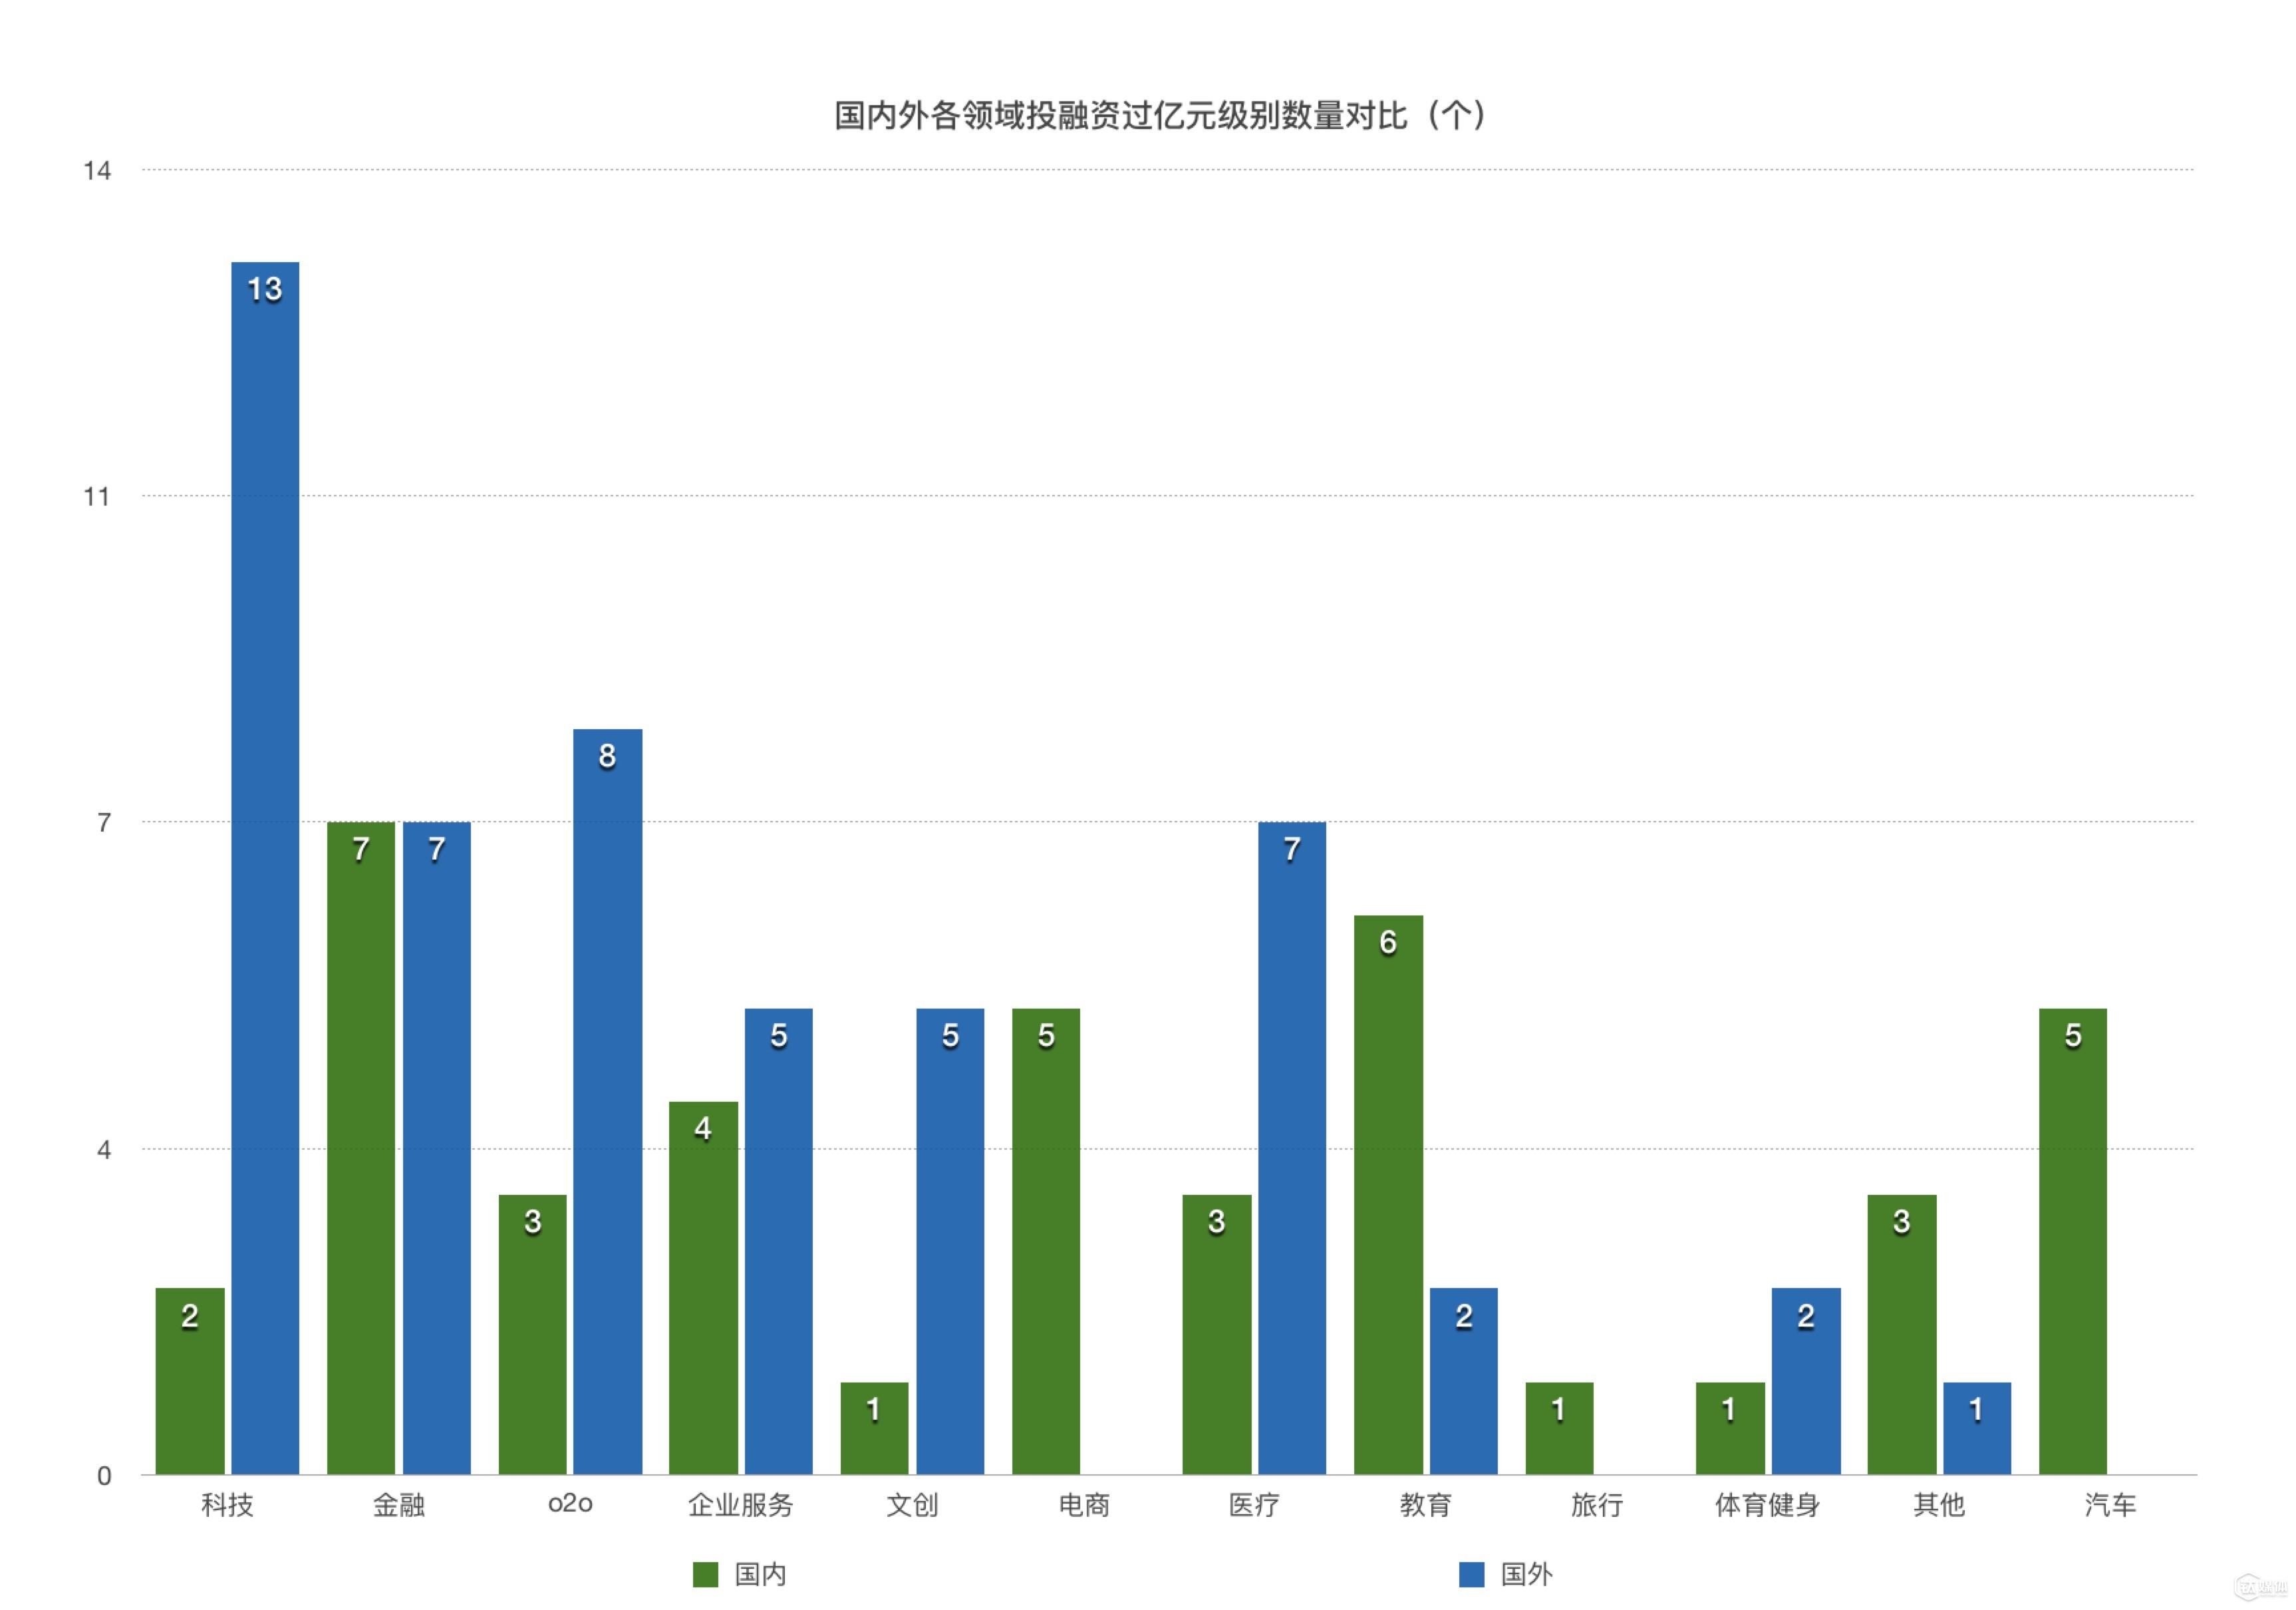 国内外过亿元级别投资领域对照表